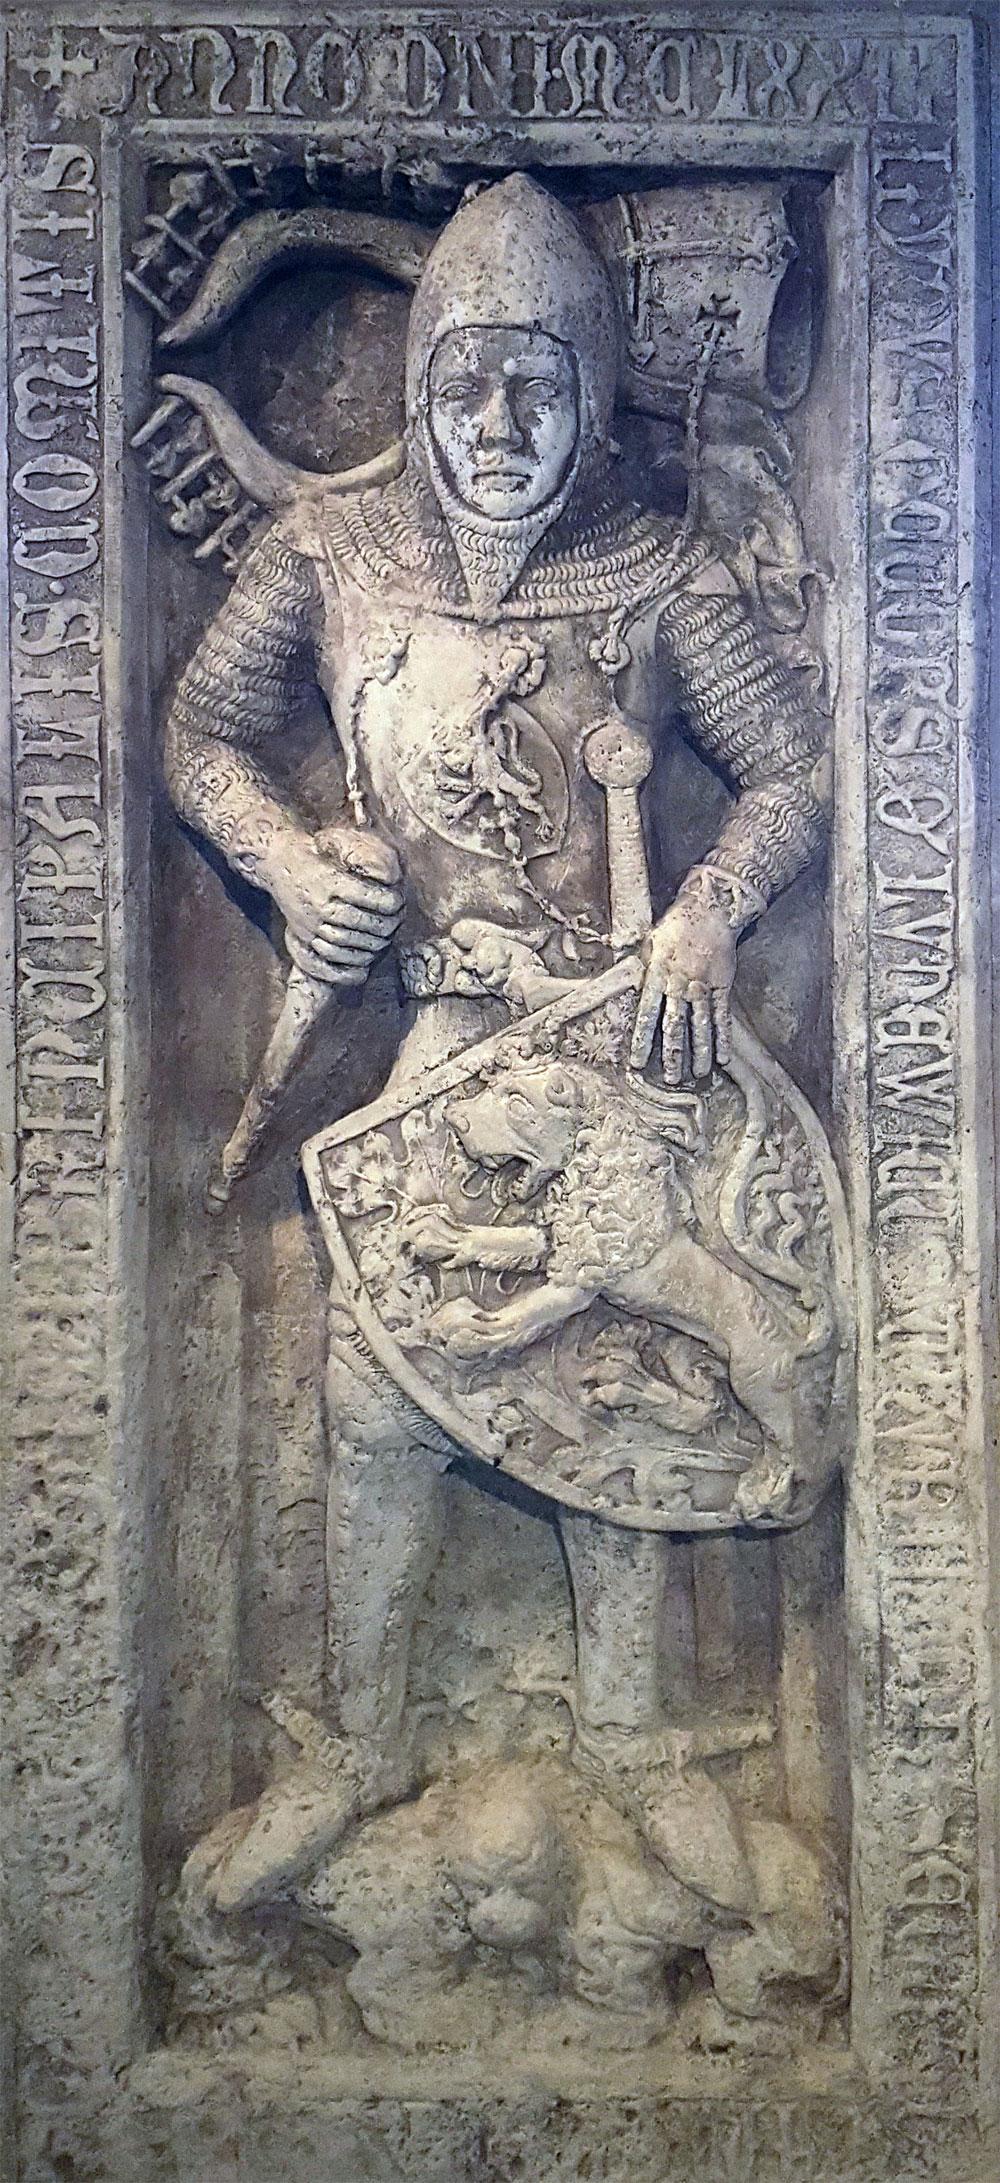 Grabplatte von Ludwig dem Springer - Gründer der Wartburg